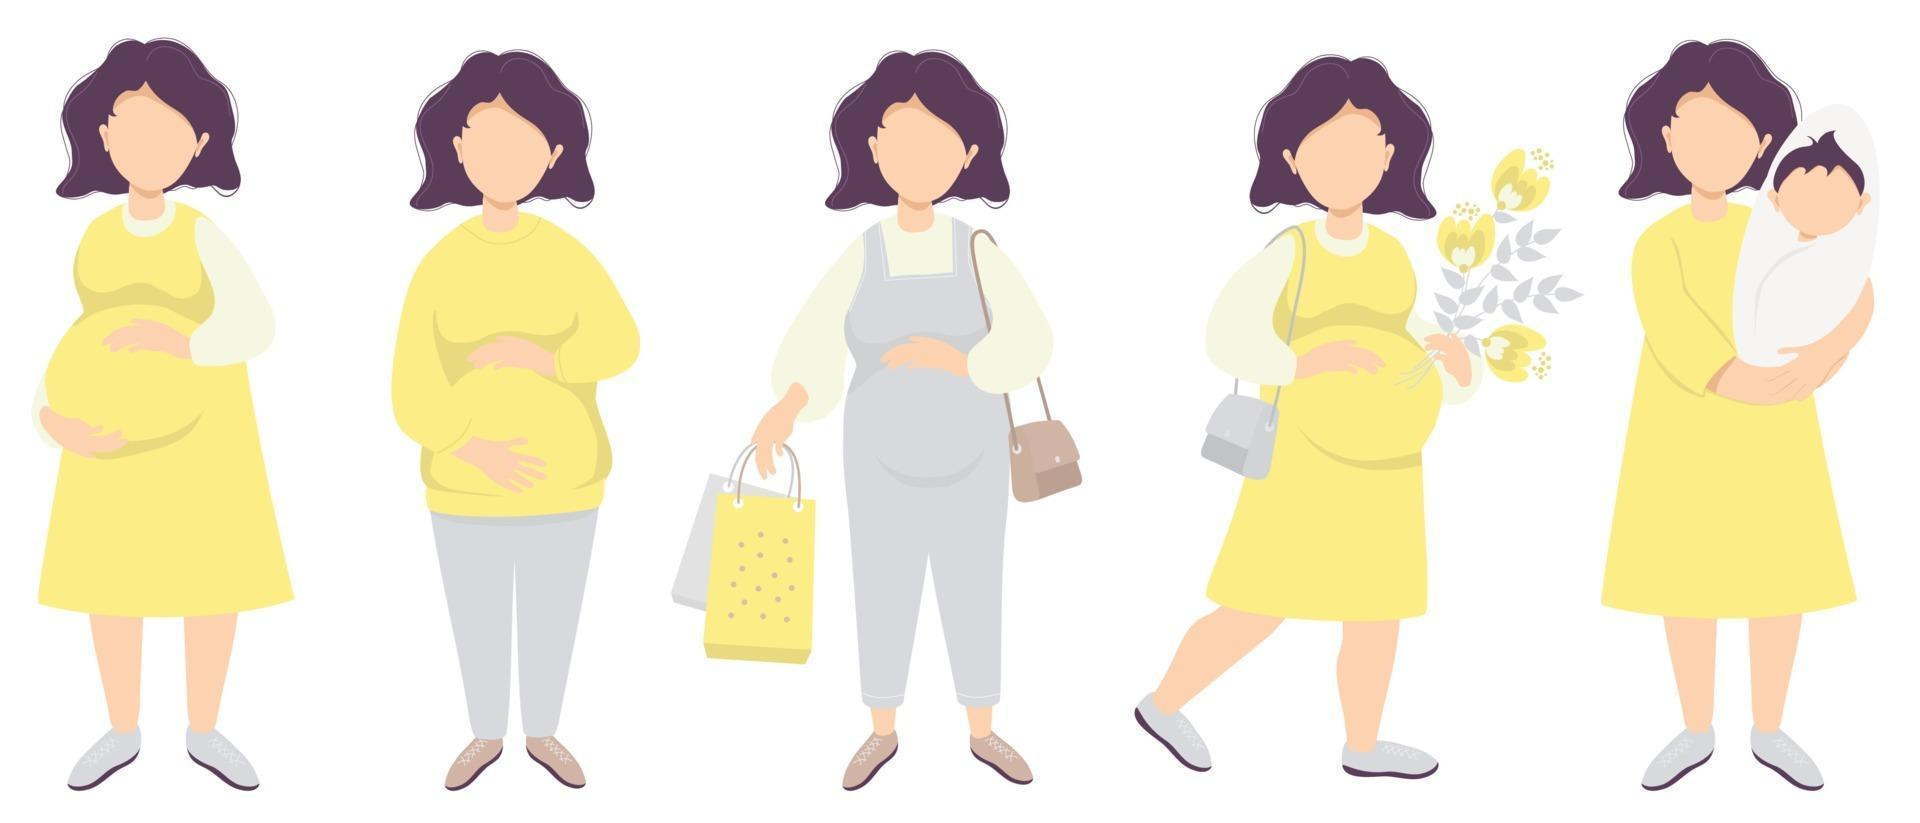 maternidade. vetor definido mulher grávida feliz em pleno crescimento. abraça suavemente a barriga com as mãos, em um vestido, macacão, com sacolas de compras, com um buquê de flores e com um bebê recém-nascido. plano